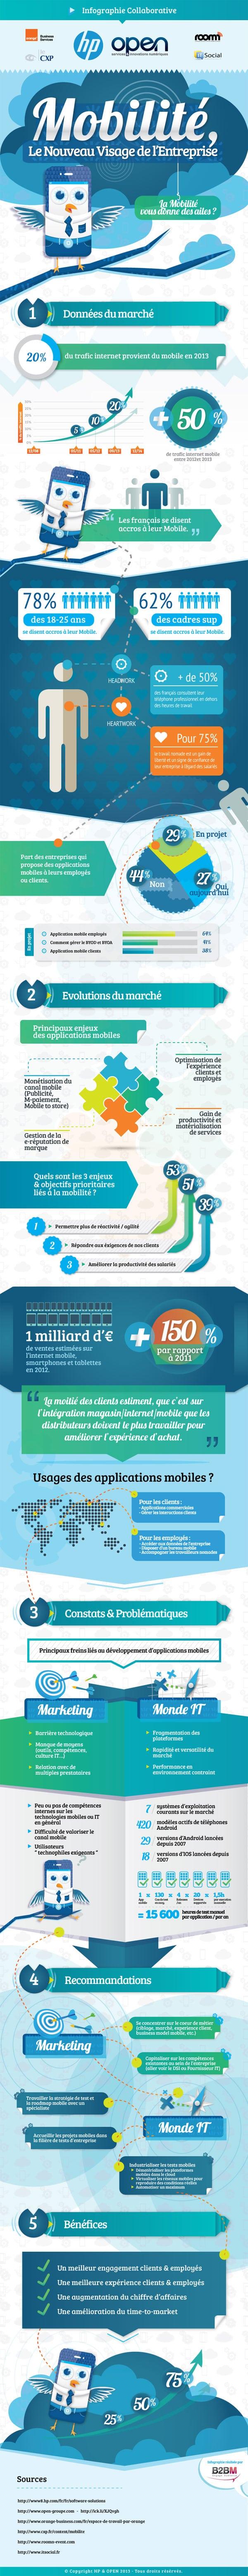 Mobilité et entreprise : chiffres et enjeux #infographie